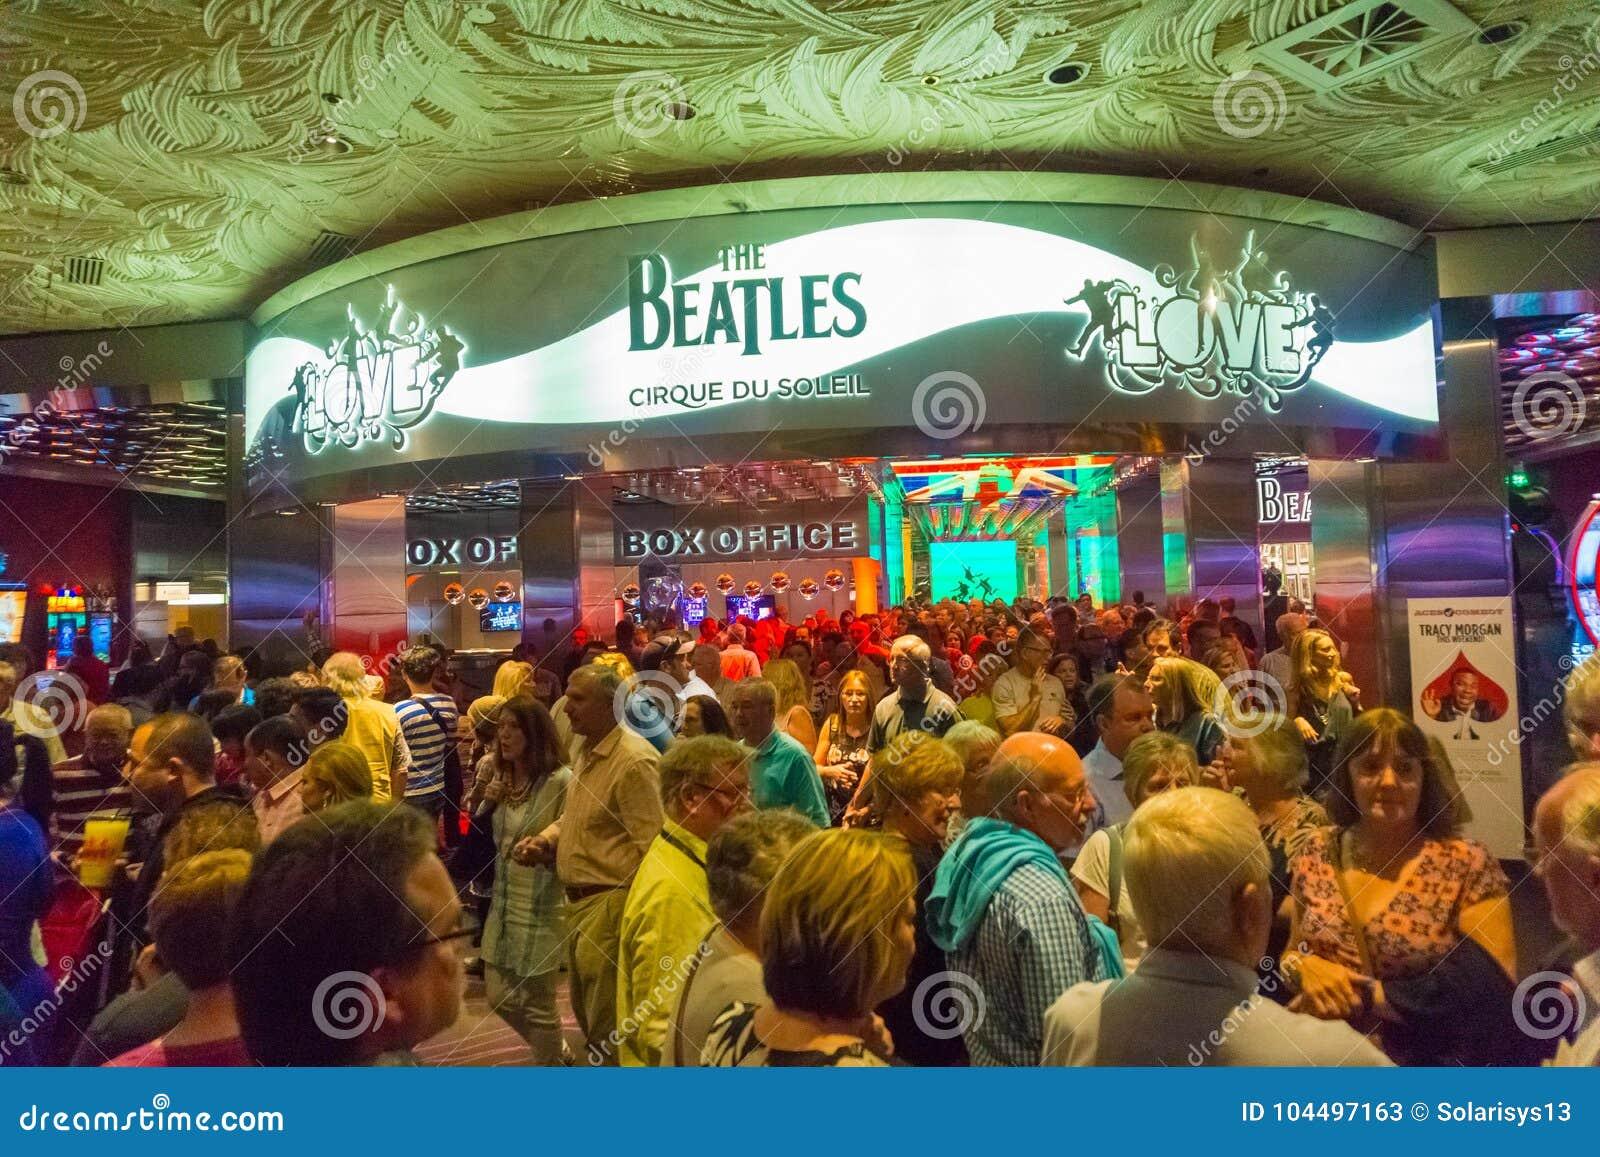 Las Vegas, die Vereinigten Staaten von Amerika - 6. Mai 2016: Eingang zur Theater-Liebes-Show Beatles Cirque du Soleil an